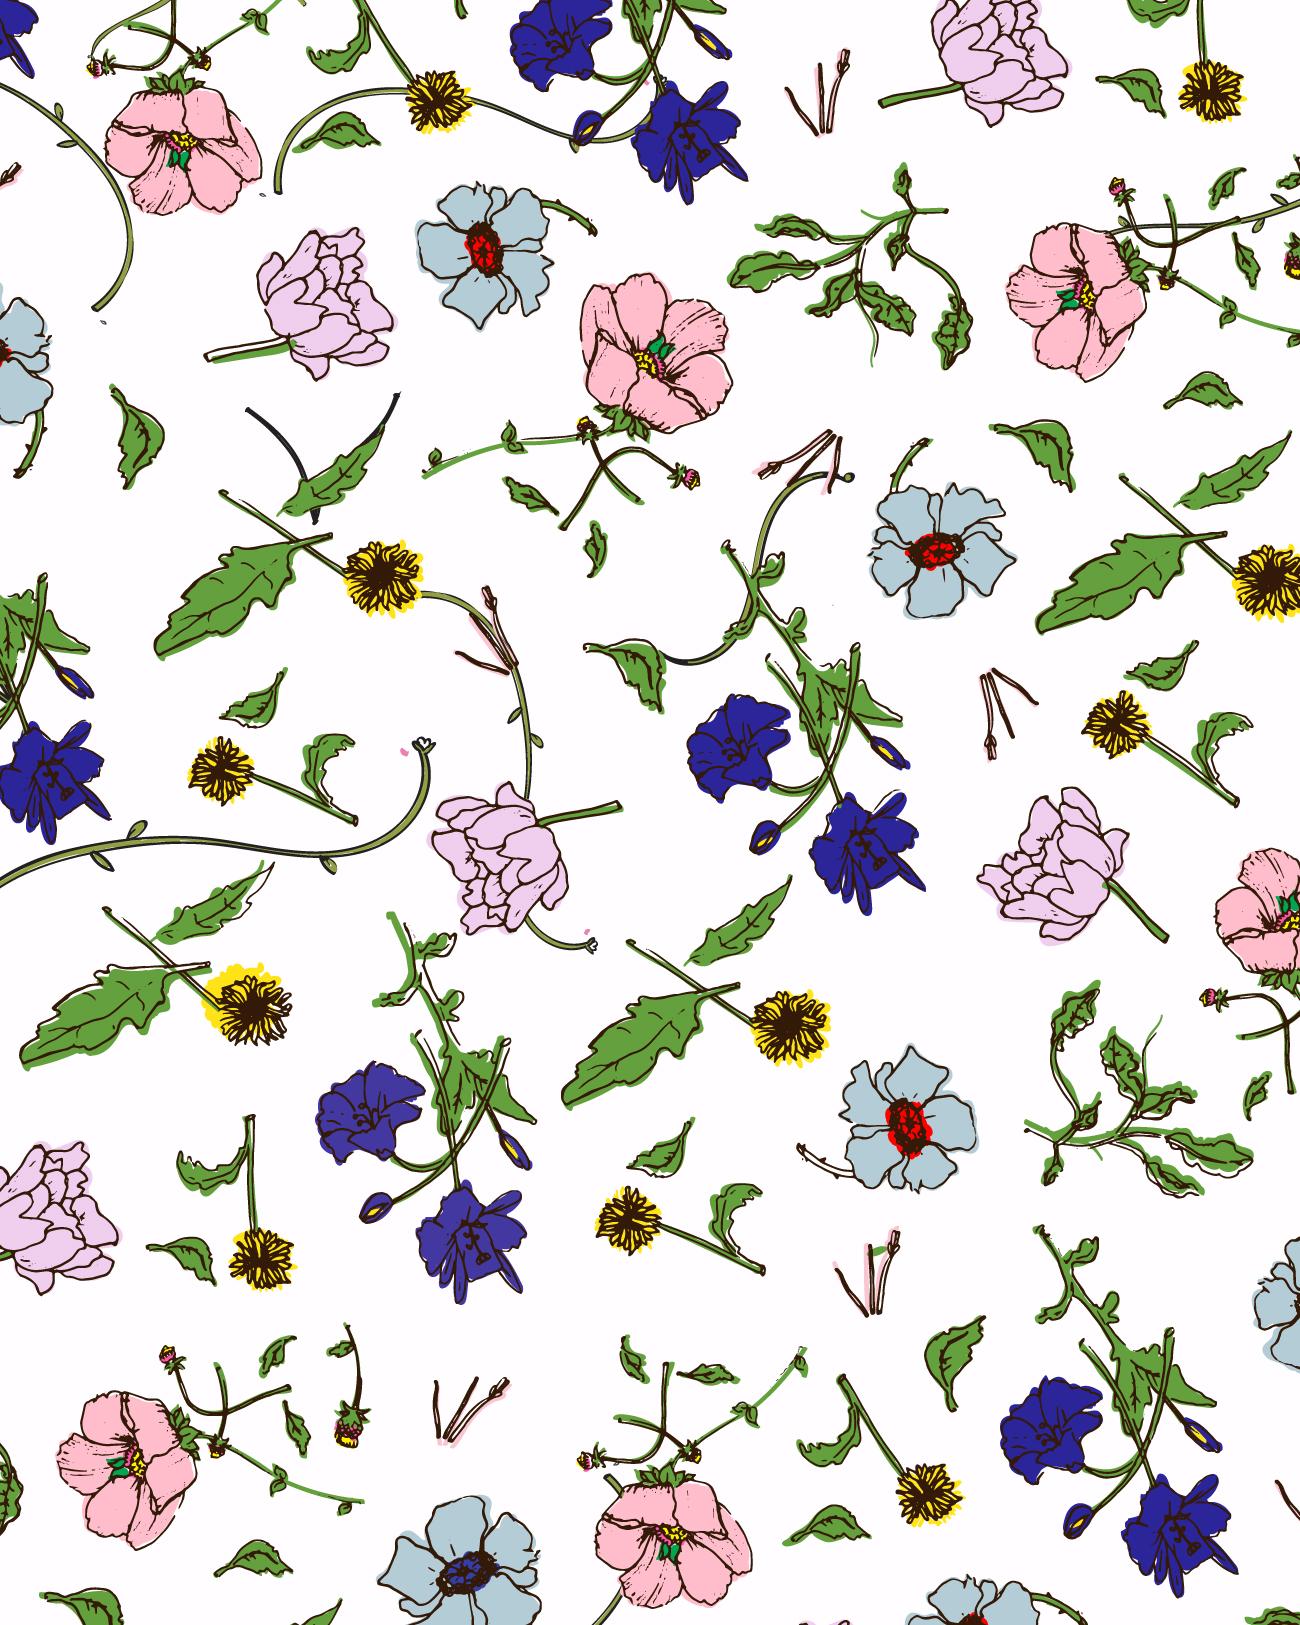 Floral_2017_Blue-&-Lavender.jpg